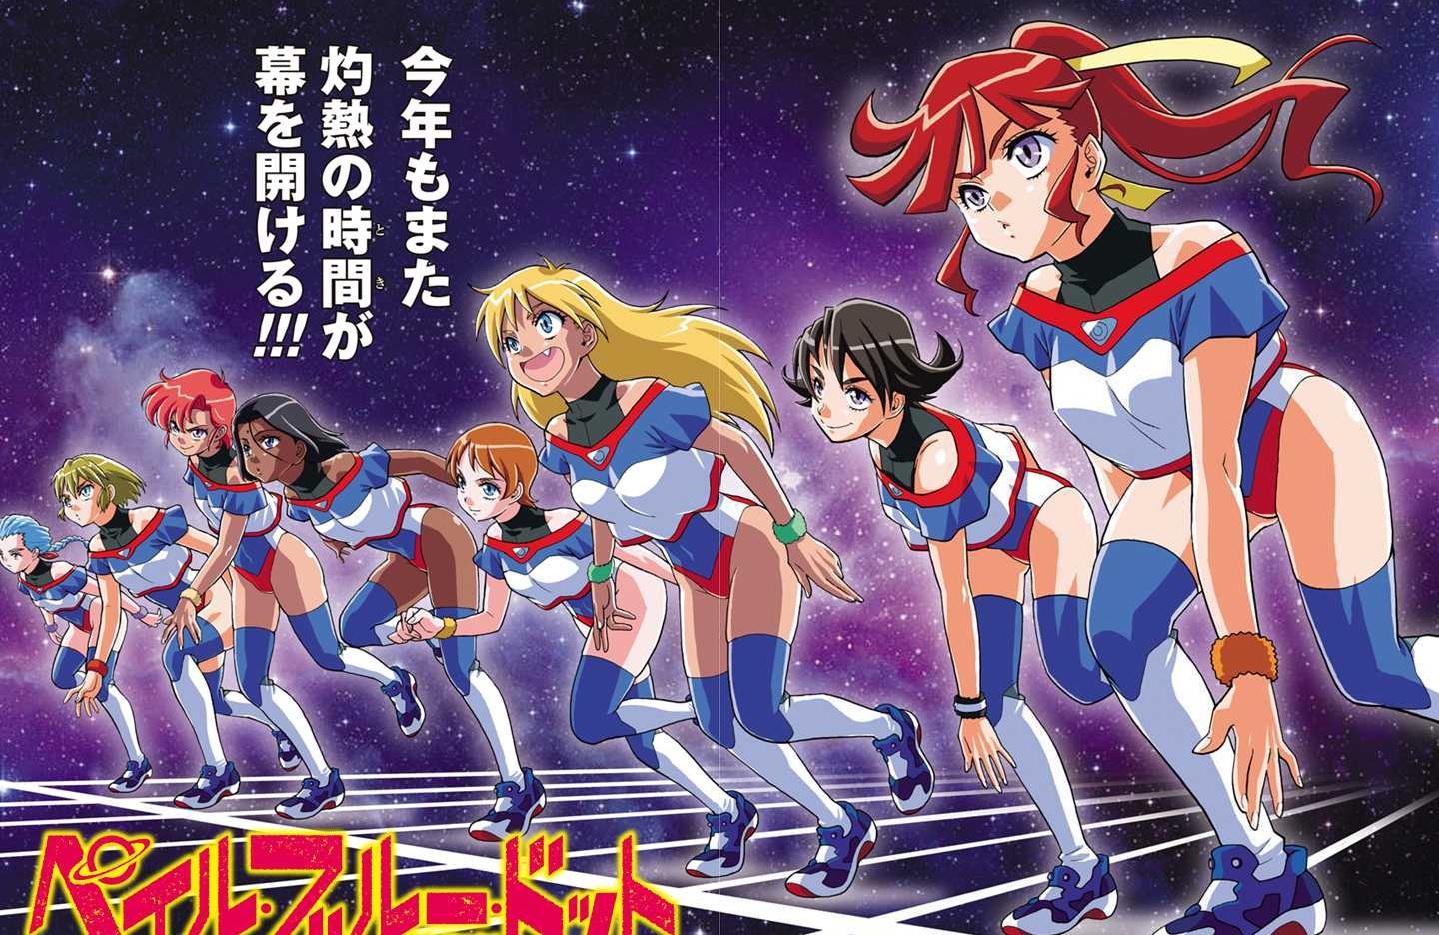 Anime nyhedsopsamling søndag 29 juni 2020